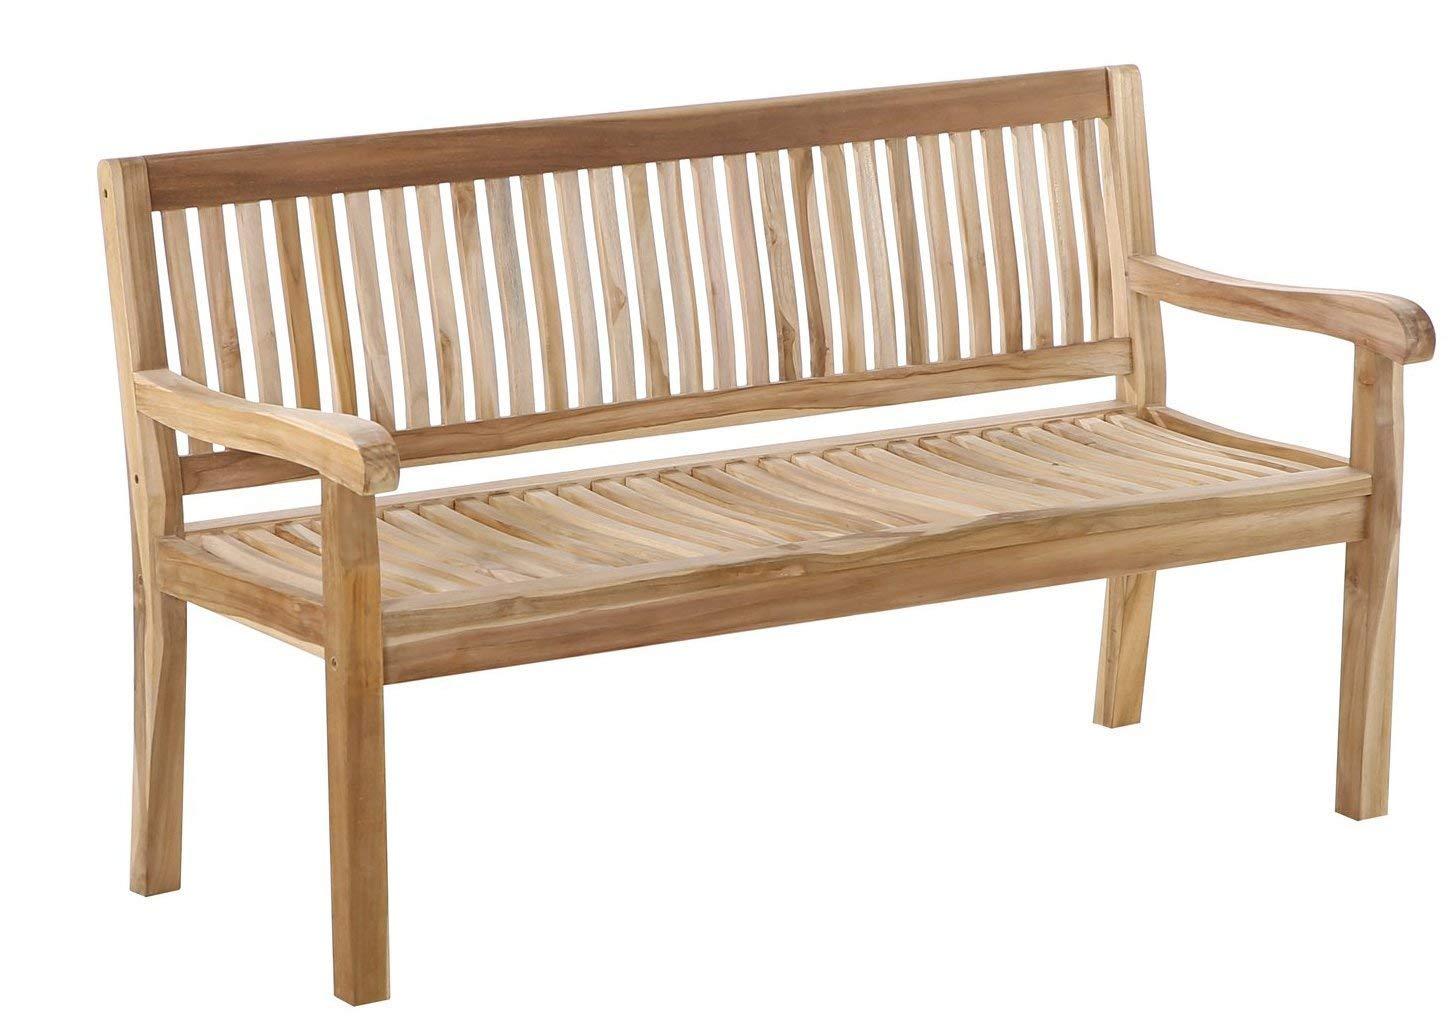 SAM® Panca da giardino Kingsbury, in legno di teak, panca da 3 posti, 150 cm, legno massello, ideale per balconi e giardini.